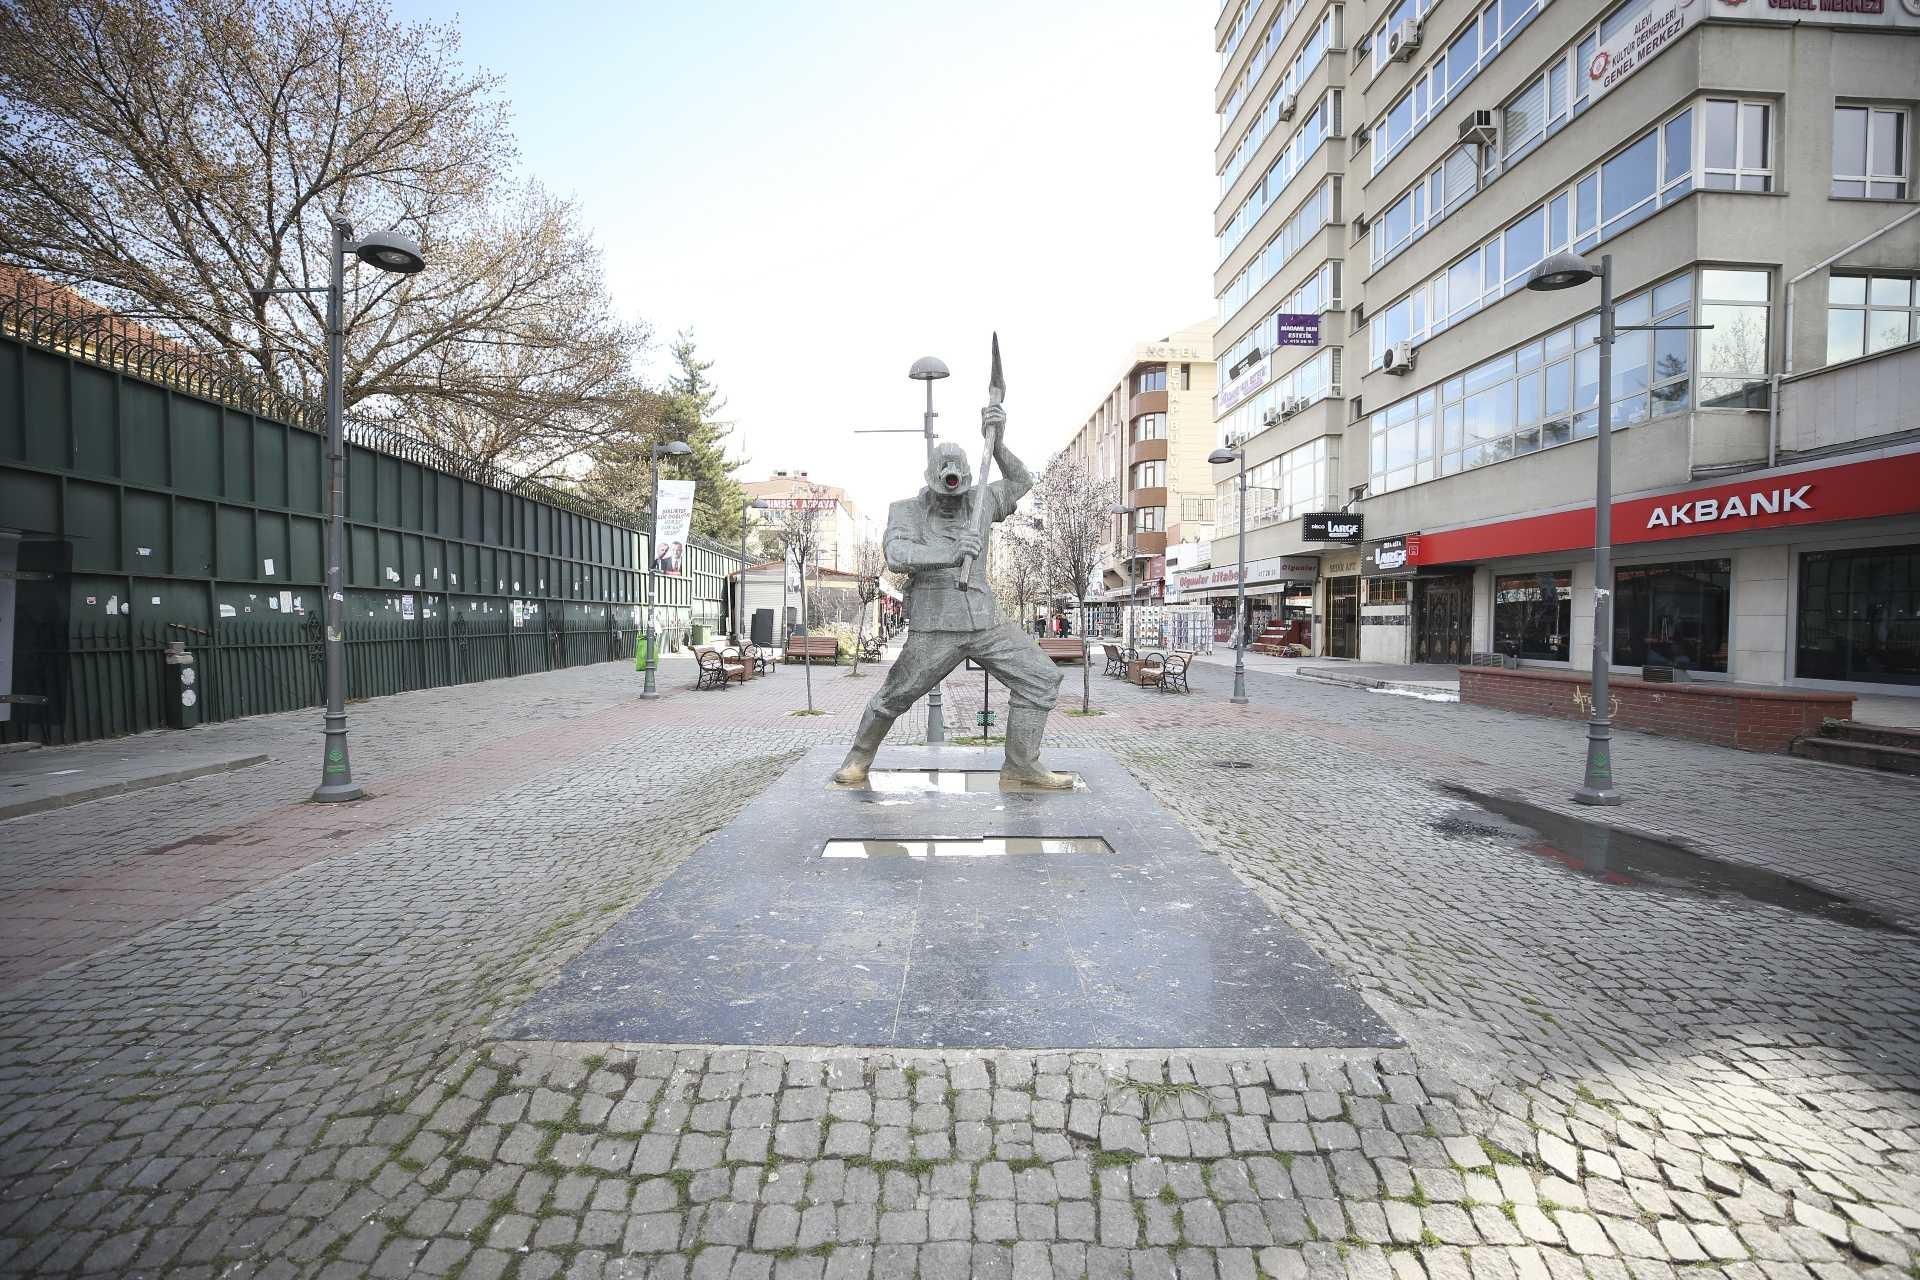 Ankara'da her zaman kalabalık olan madenci anıtının çevresi koronavirüs salgını dolayısıyla boş kaldı.